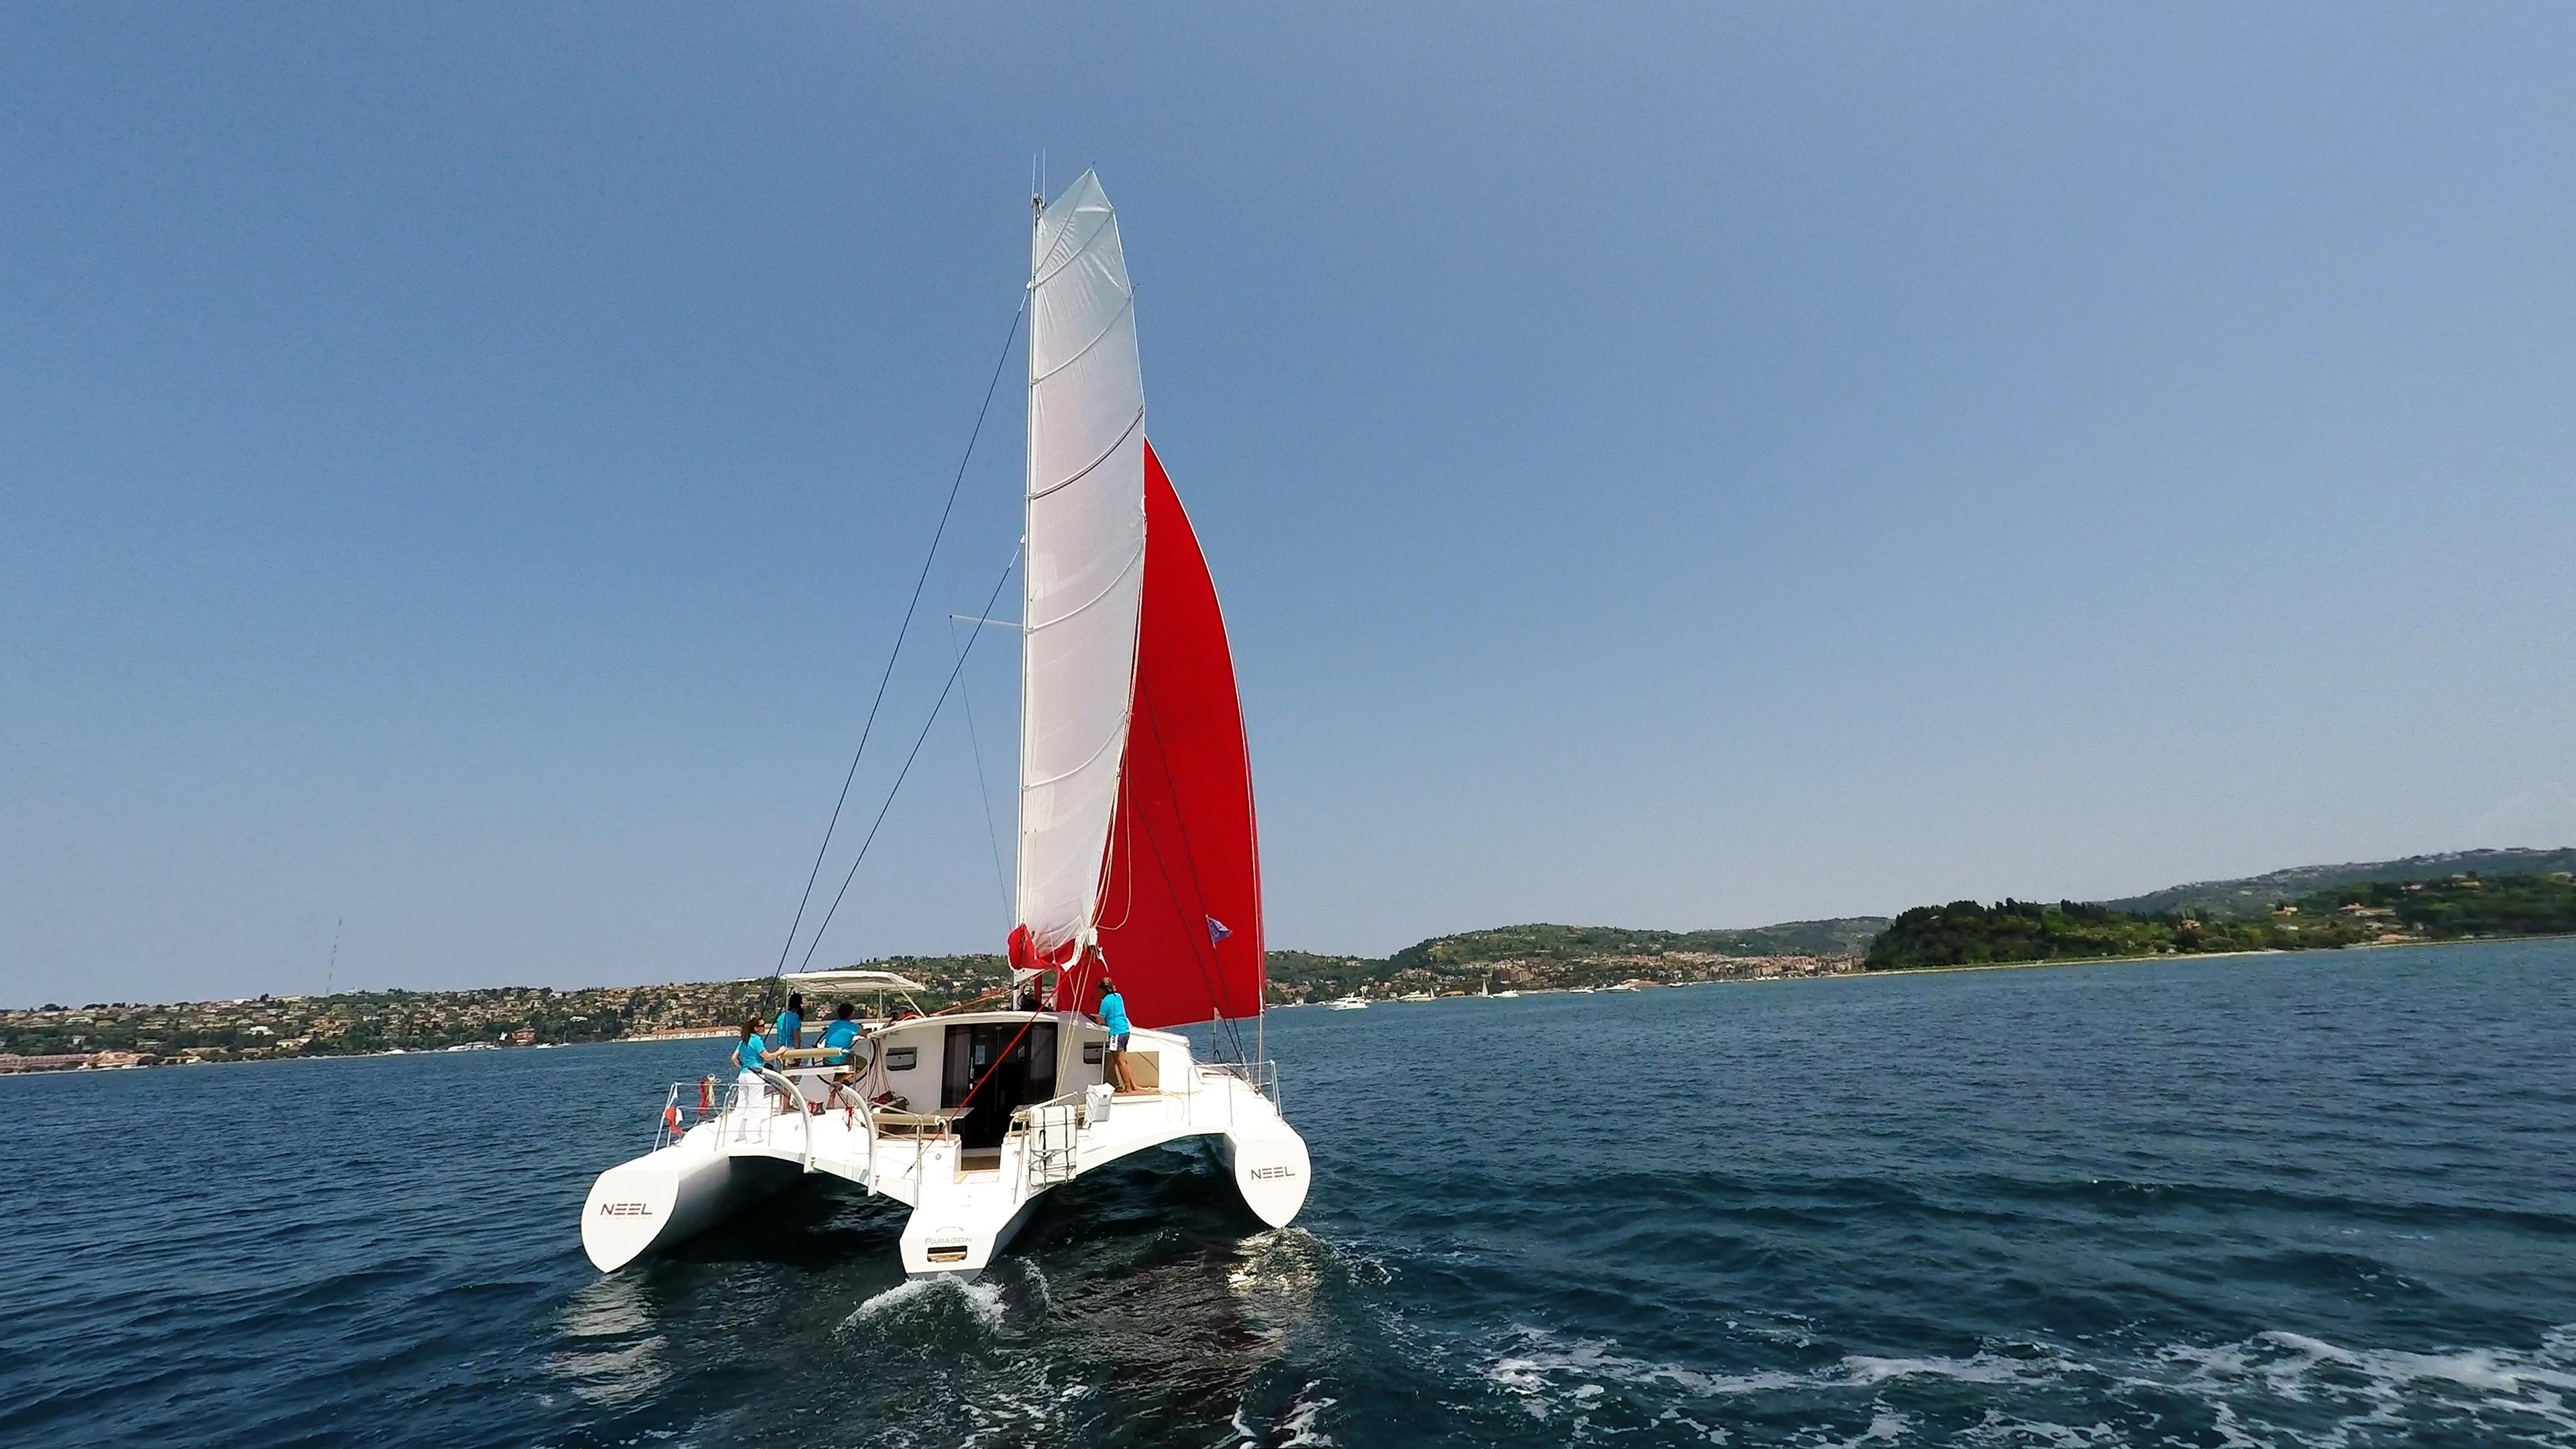 neel 45 multiscafo naviga verso il porto